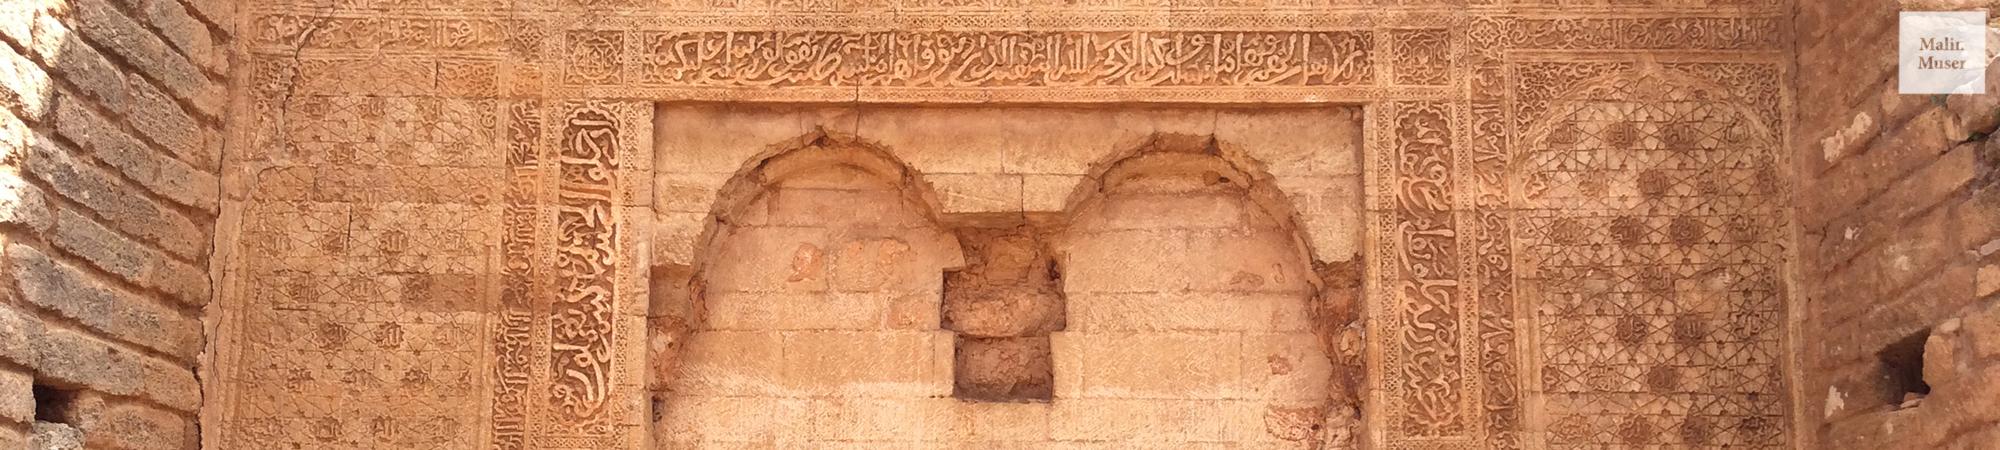 Die uralte Nekropole von Chellah bei Rabat beeindruckt bis heute (Marokko)